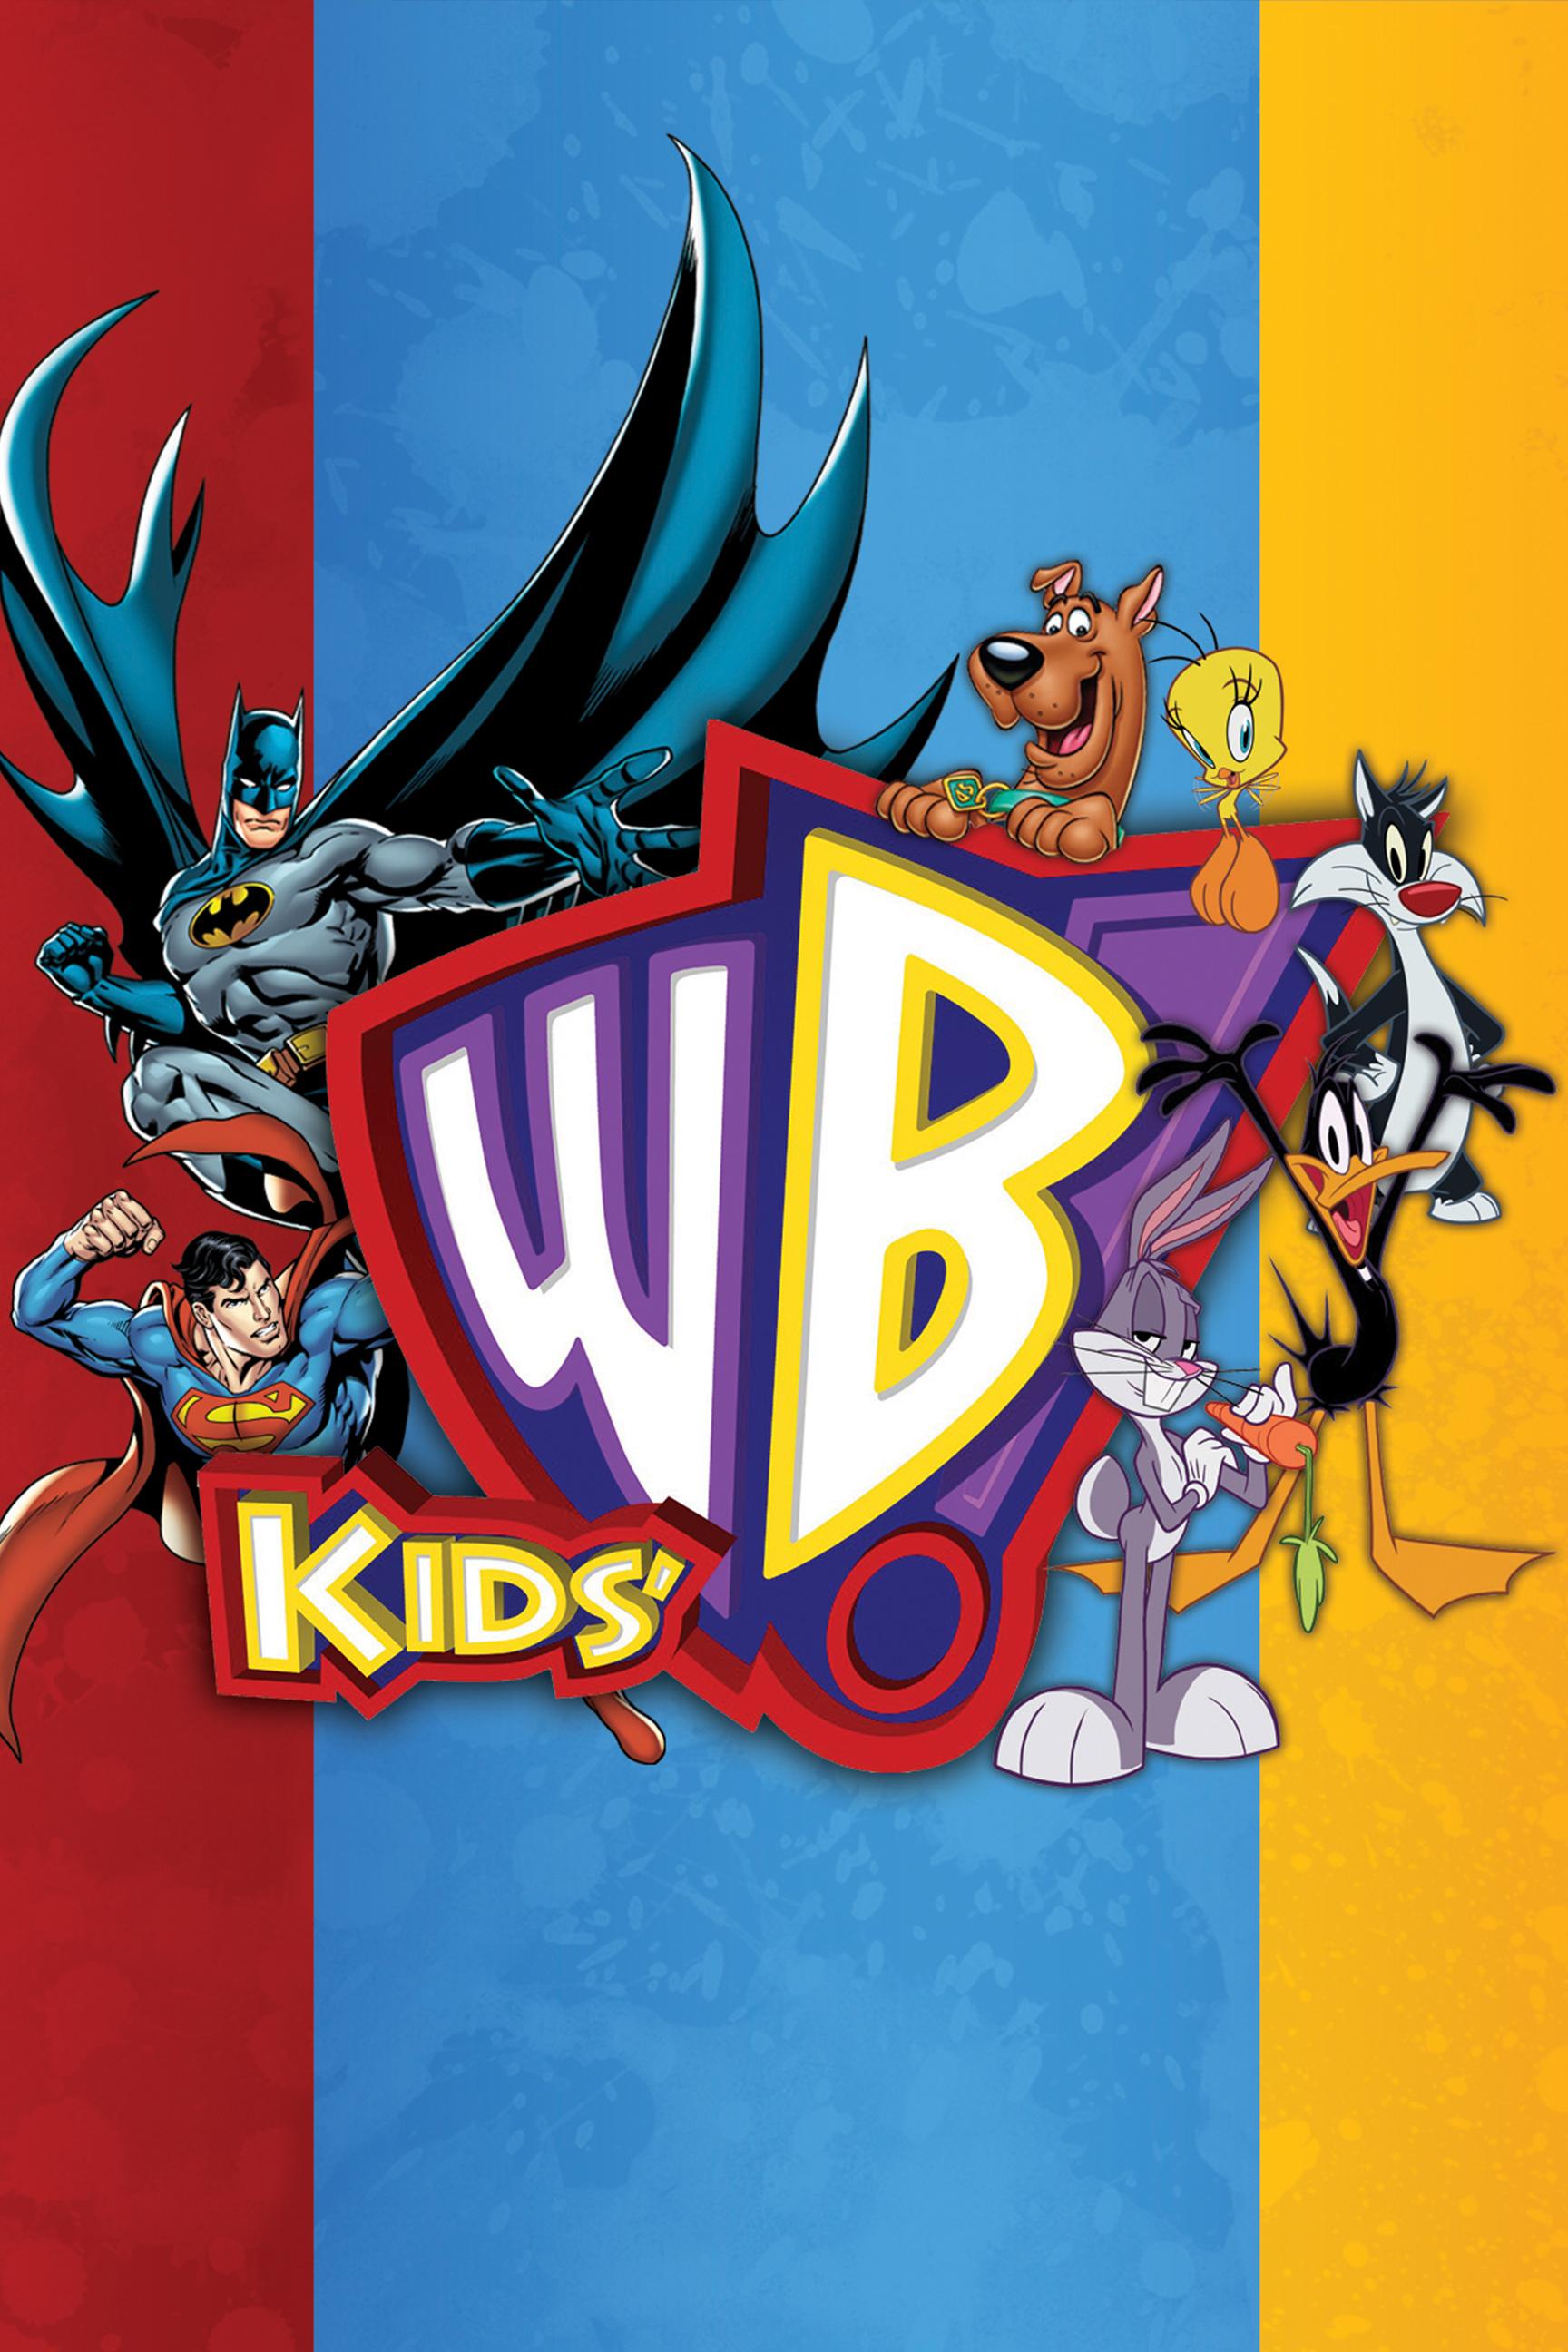 Kids\' WB (TV Series 2006.